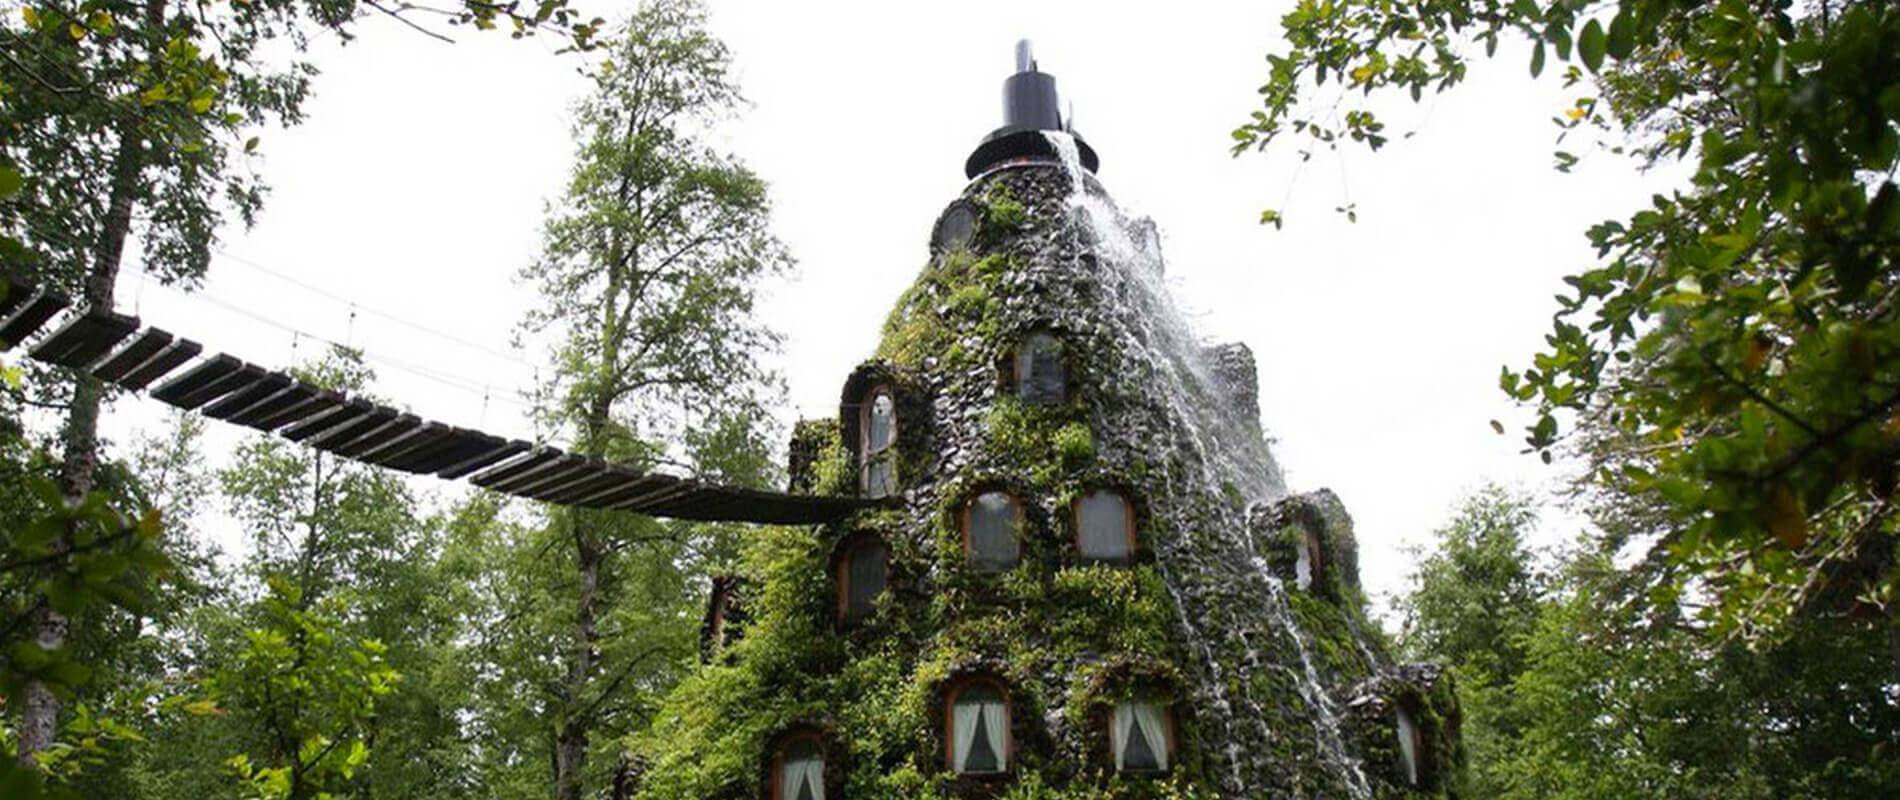 Magic Mountain Lodge, l'albergo incantato immerso nella foresta